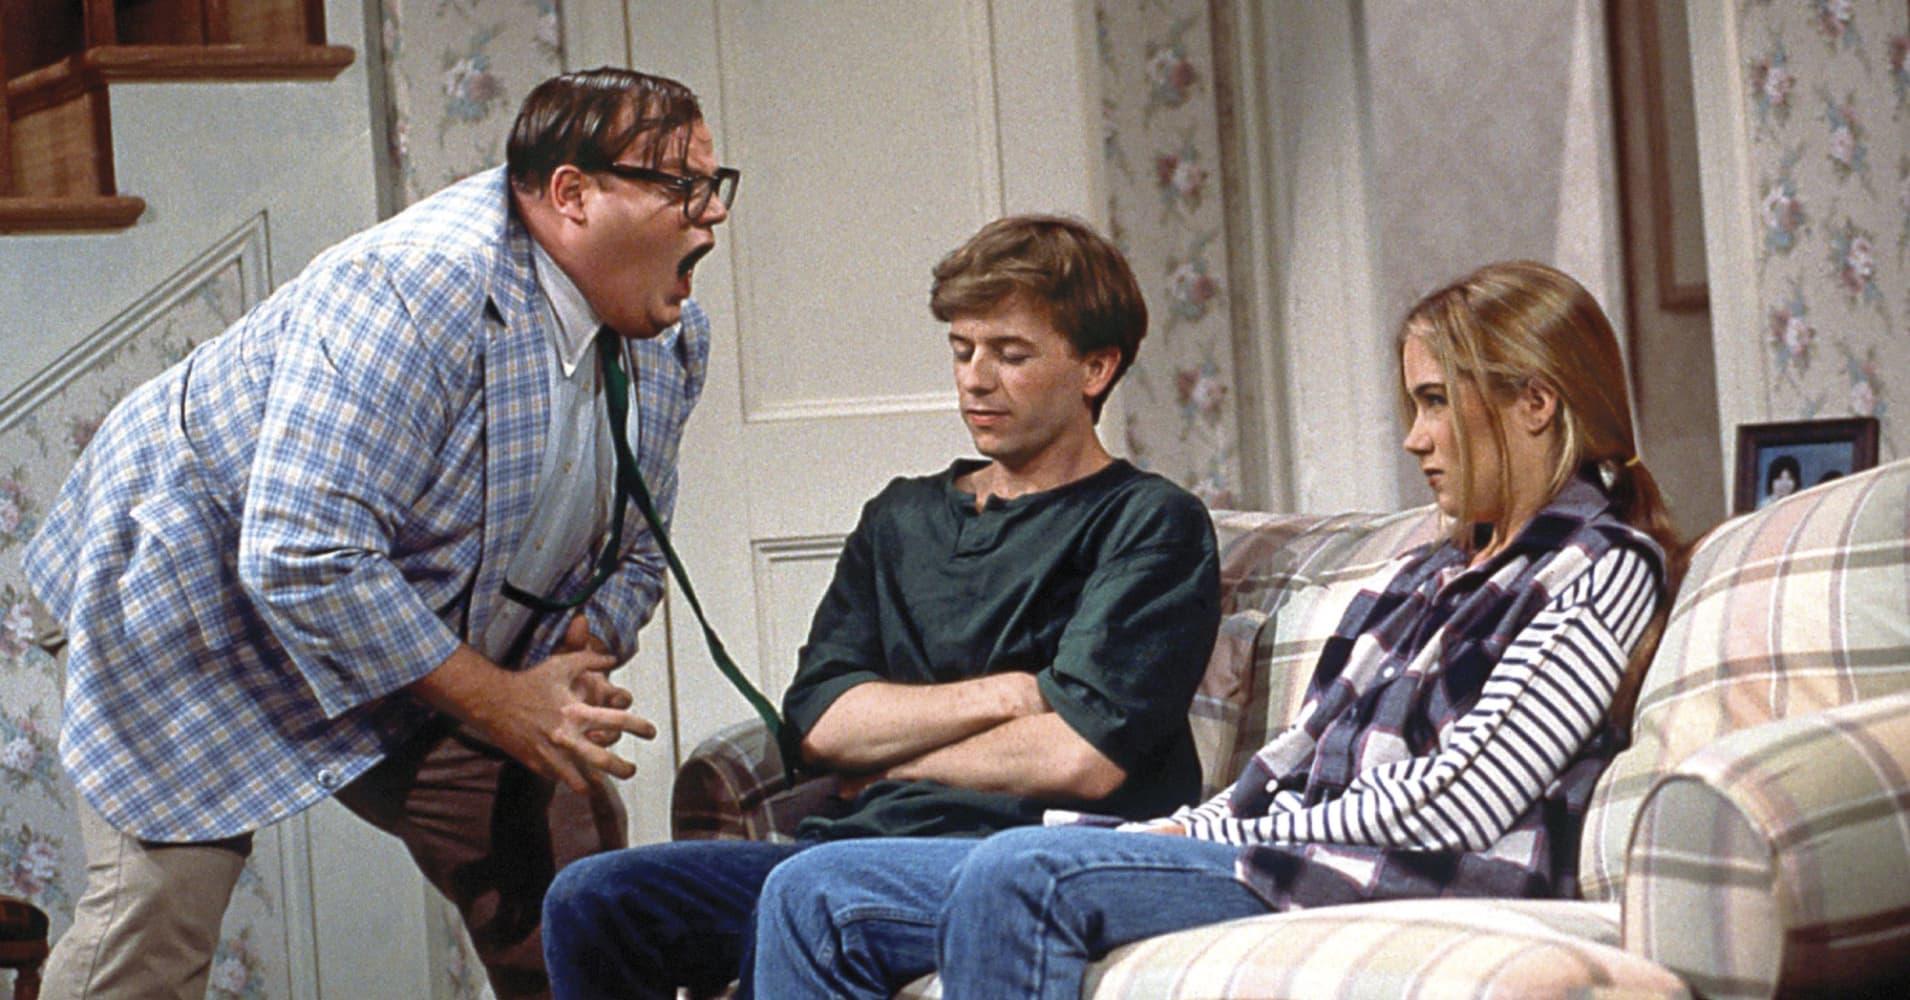 Chris Farley as motivational speaker Matt Foley on NBC's SNL